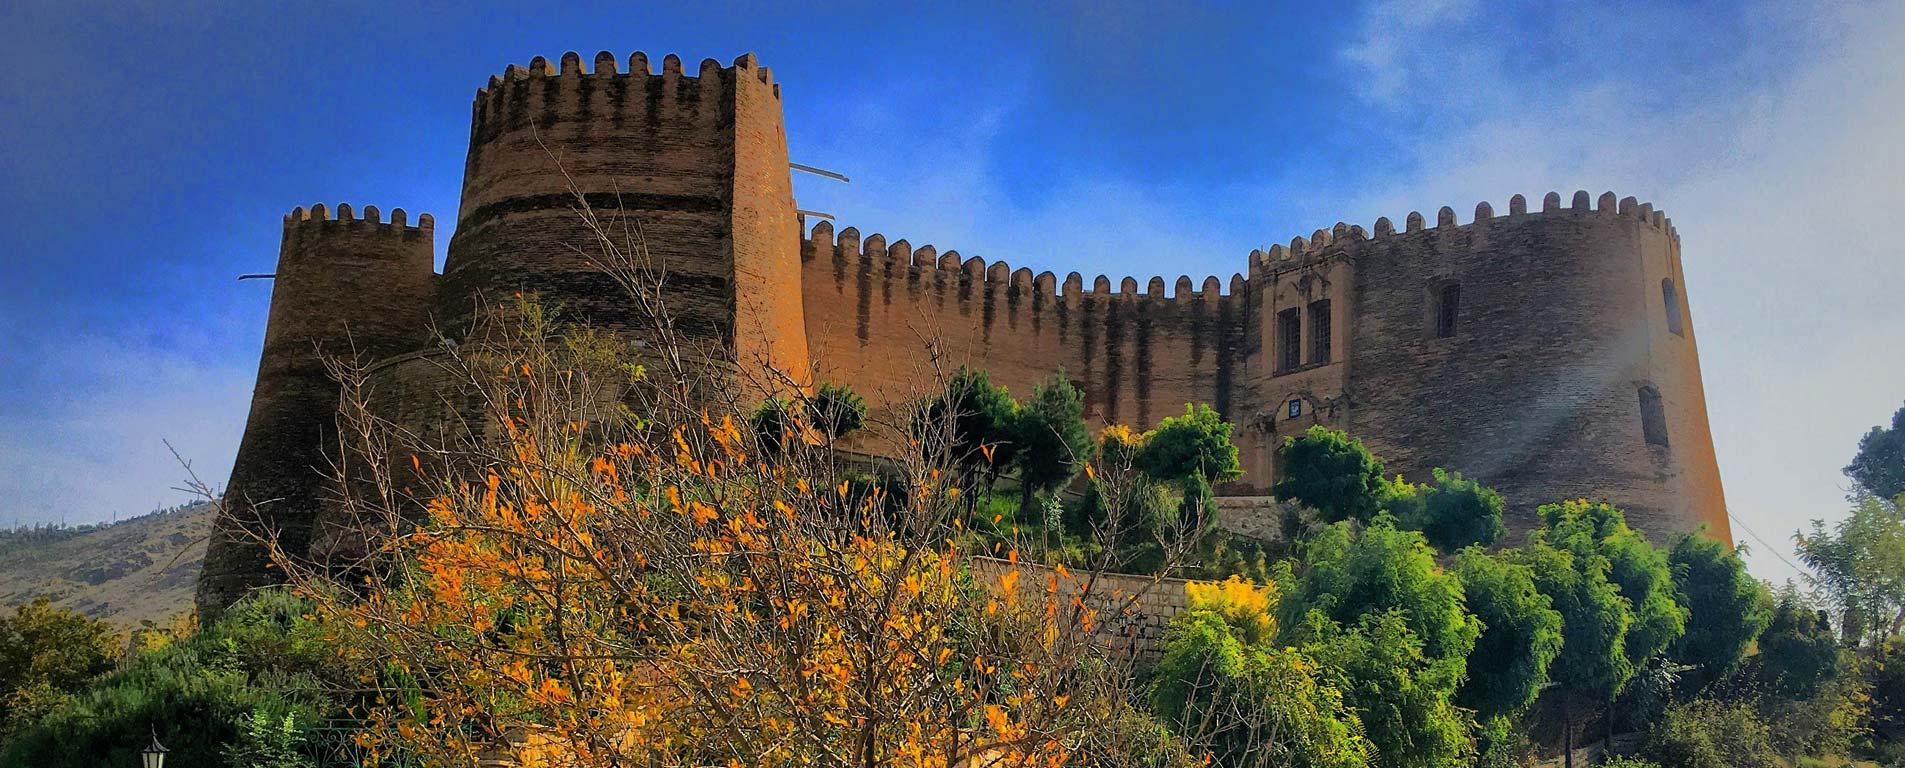 قلعه فلک الافلاک ، ترکیبی از شکوه و راز در معماری ساسانیان